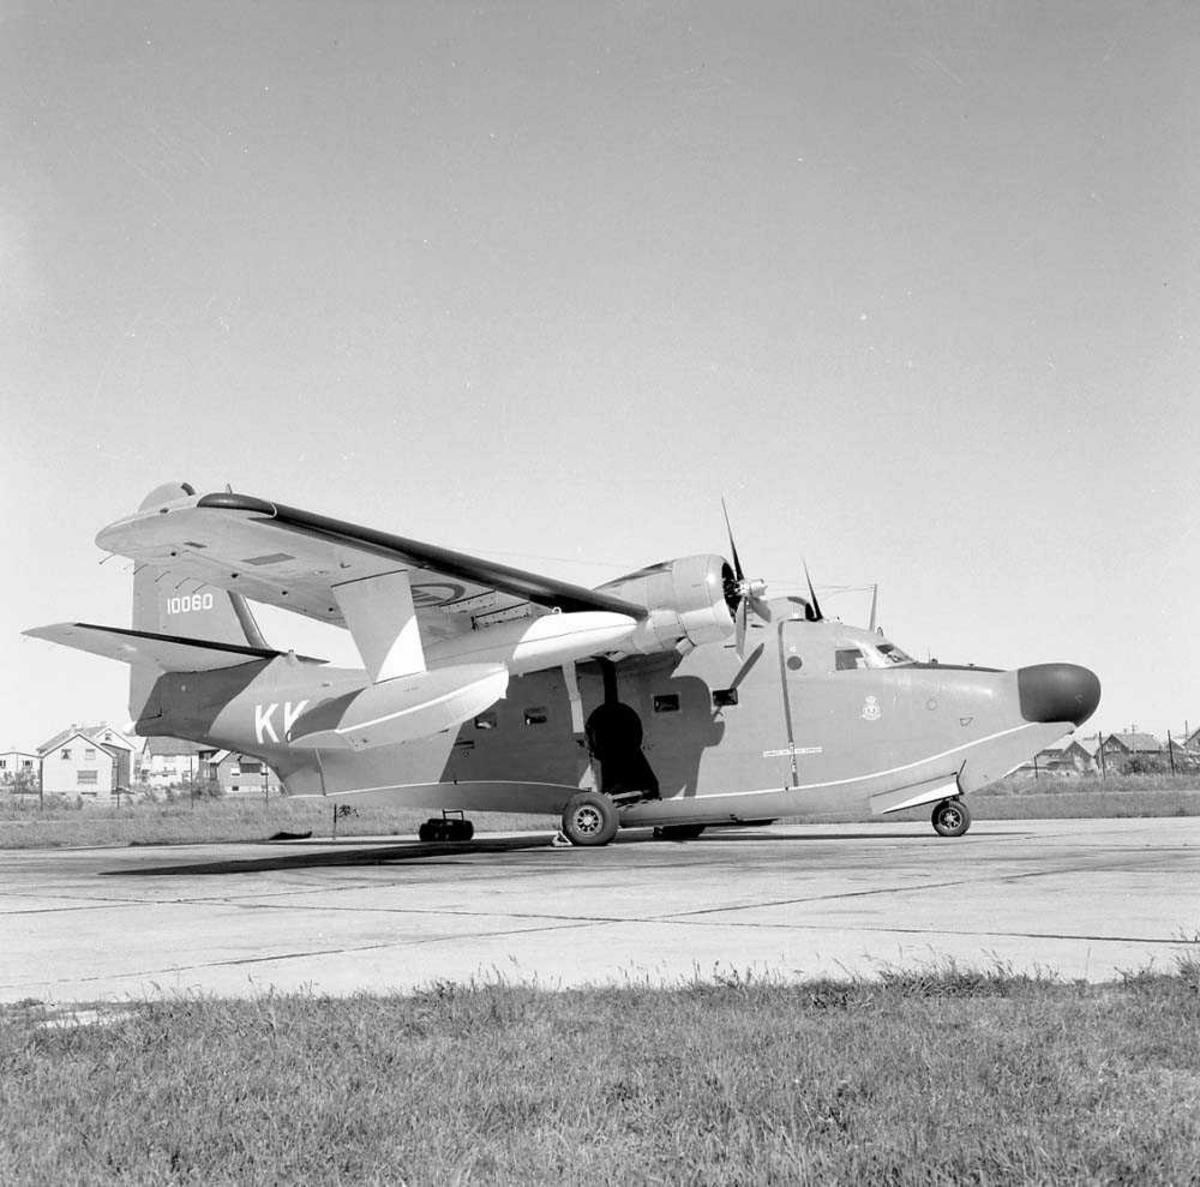 Albatross, KK-B, tail nr. 10060.